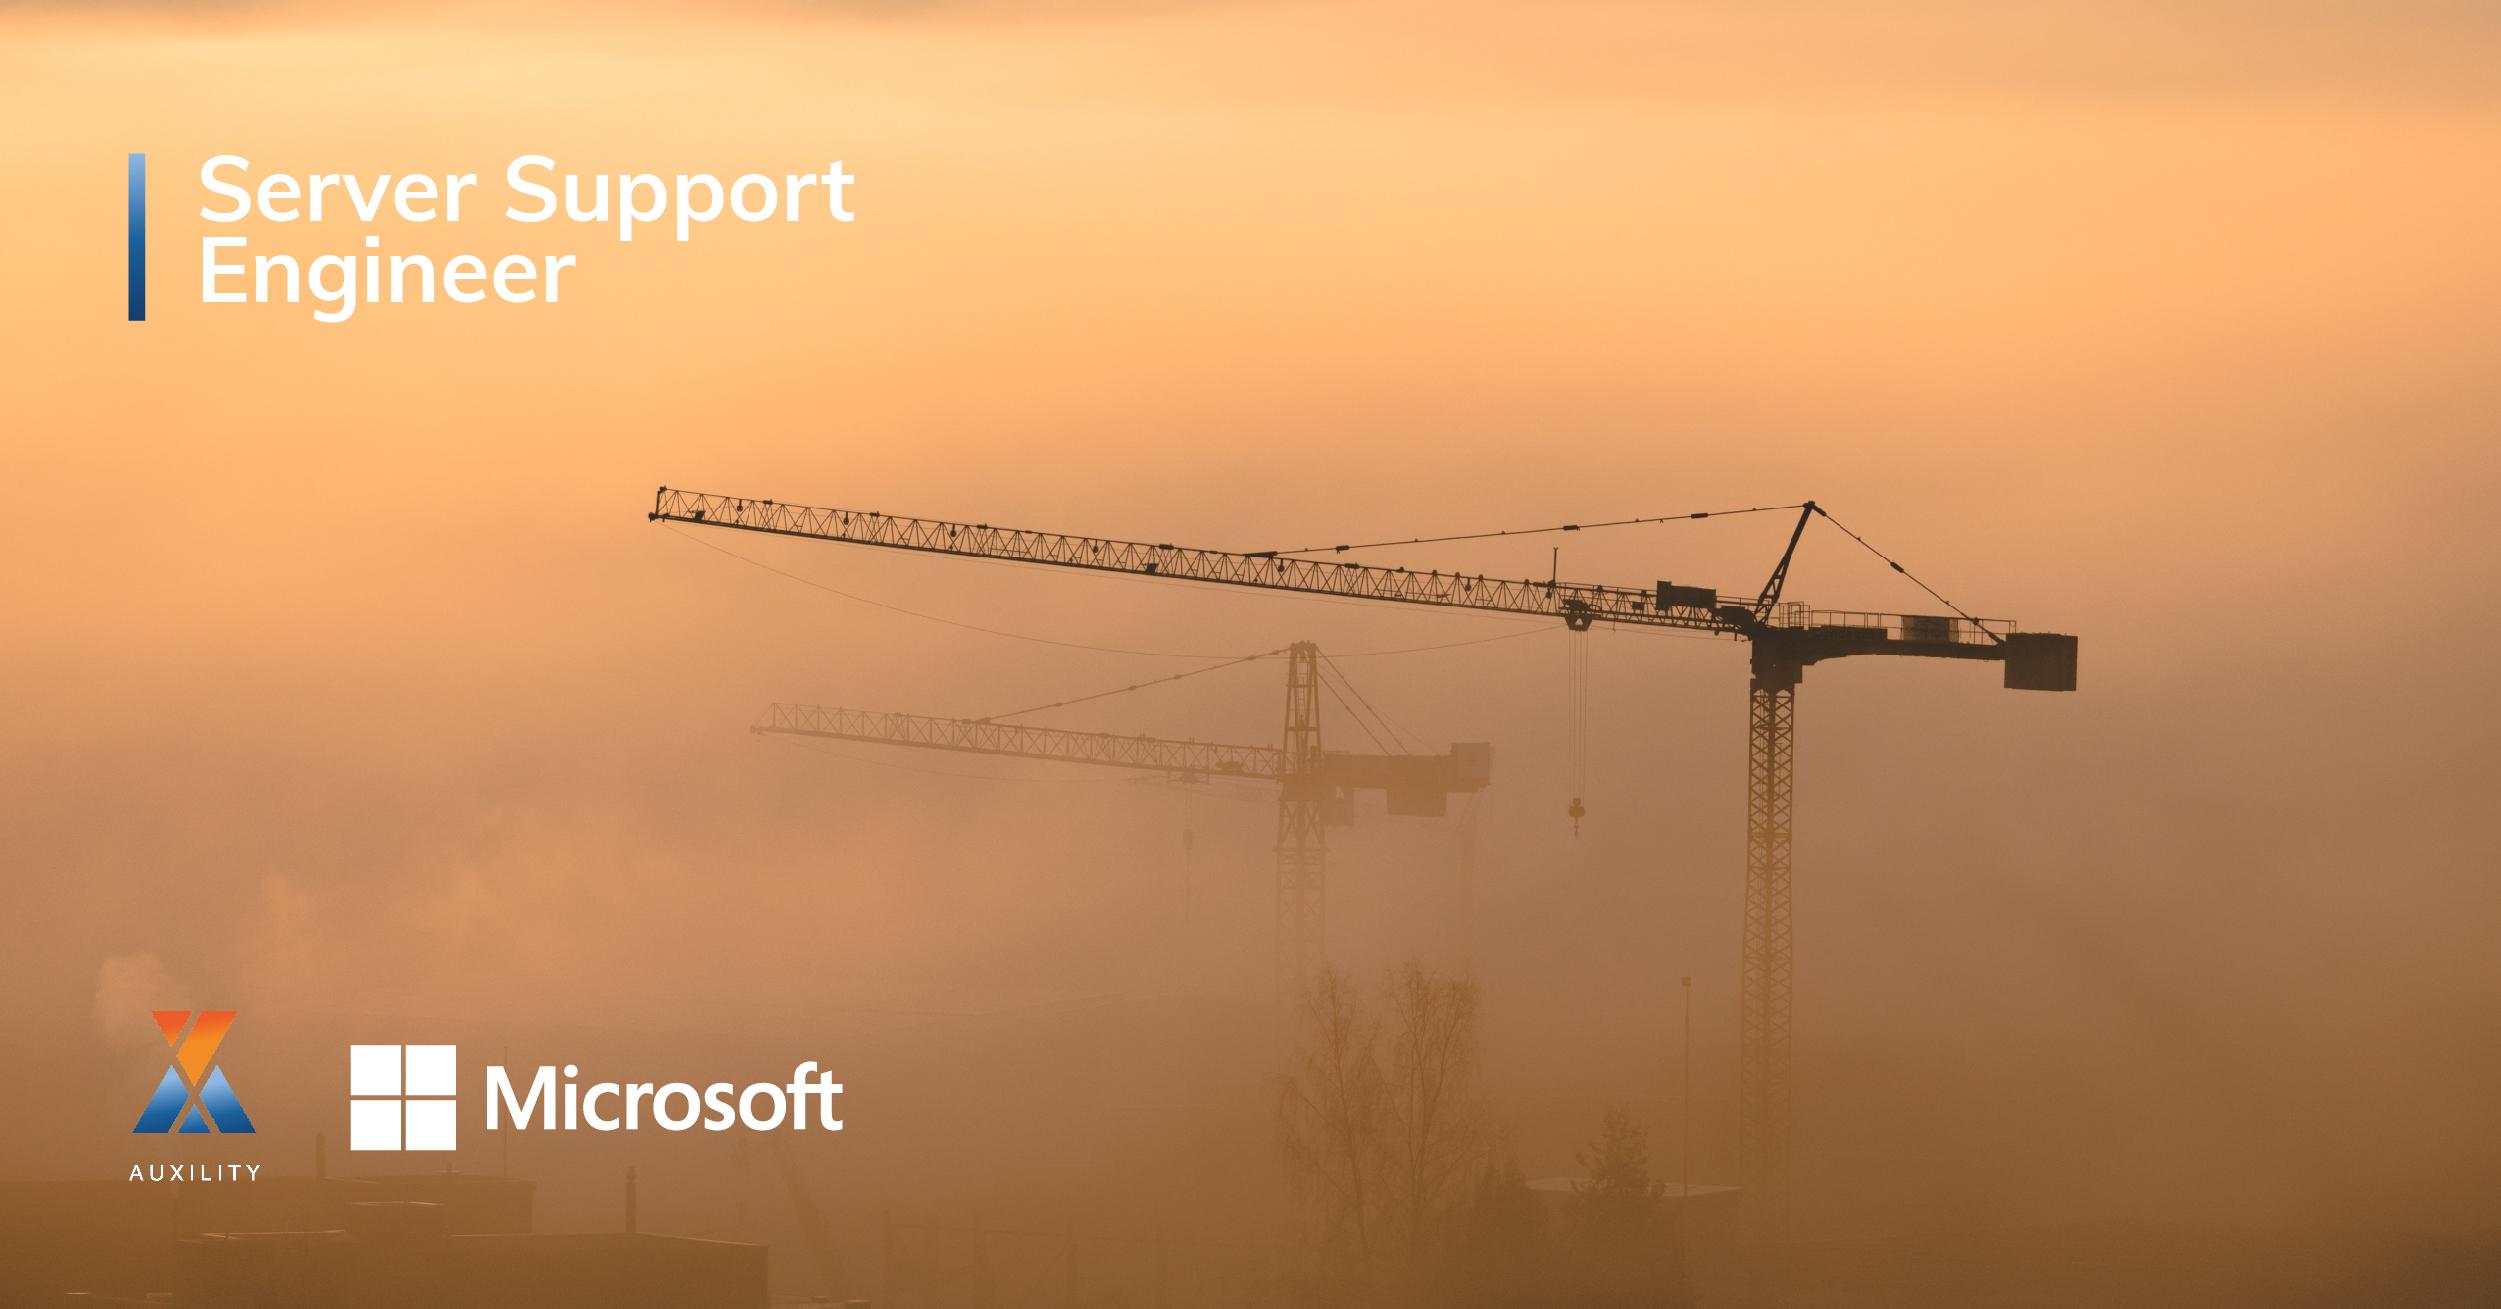 Server support engineer job offer